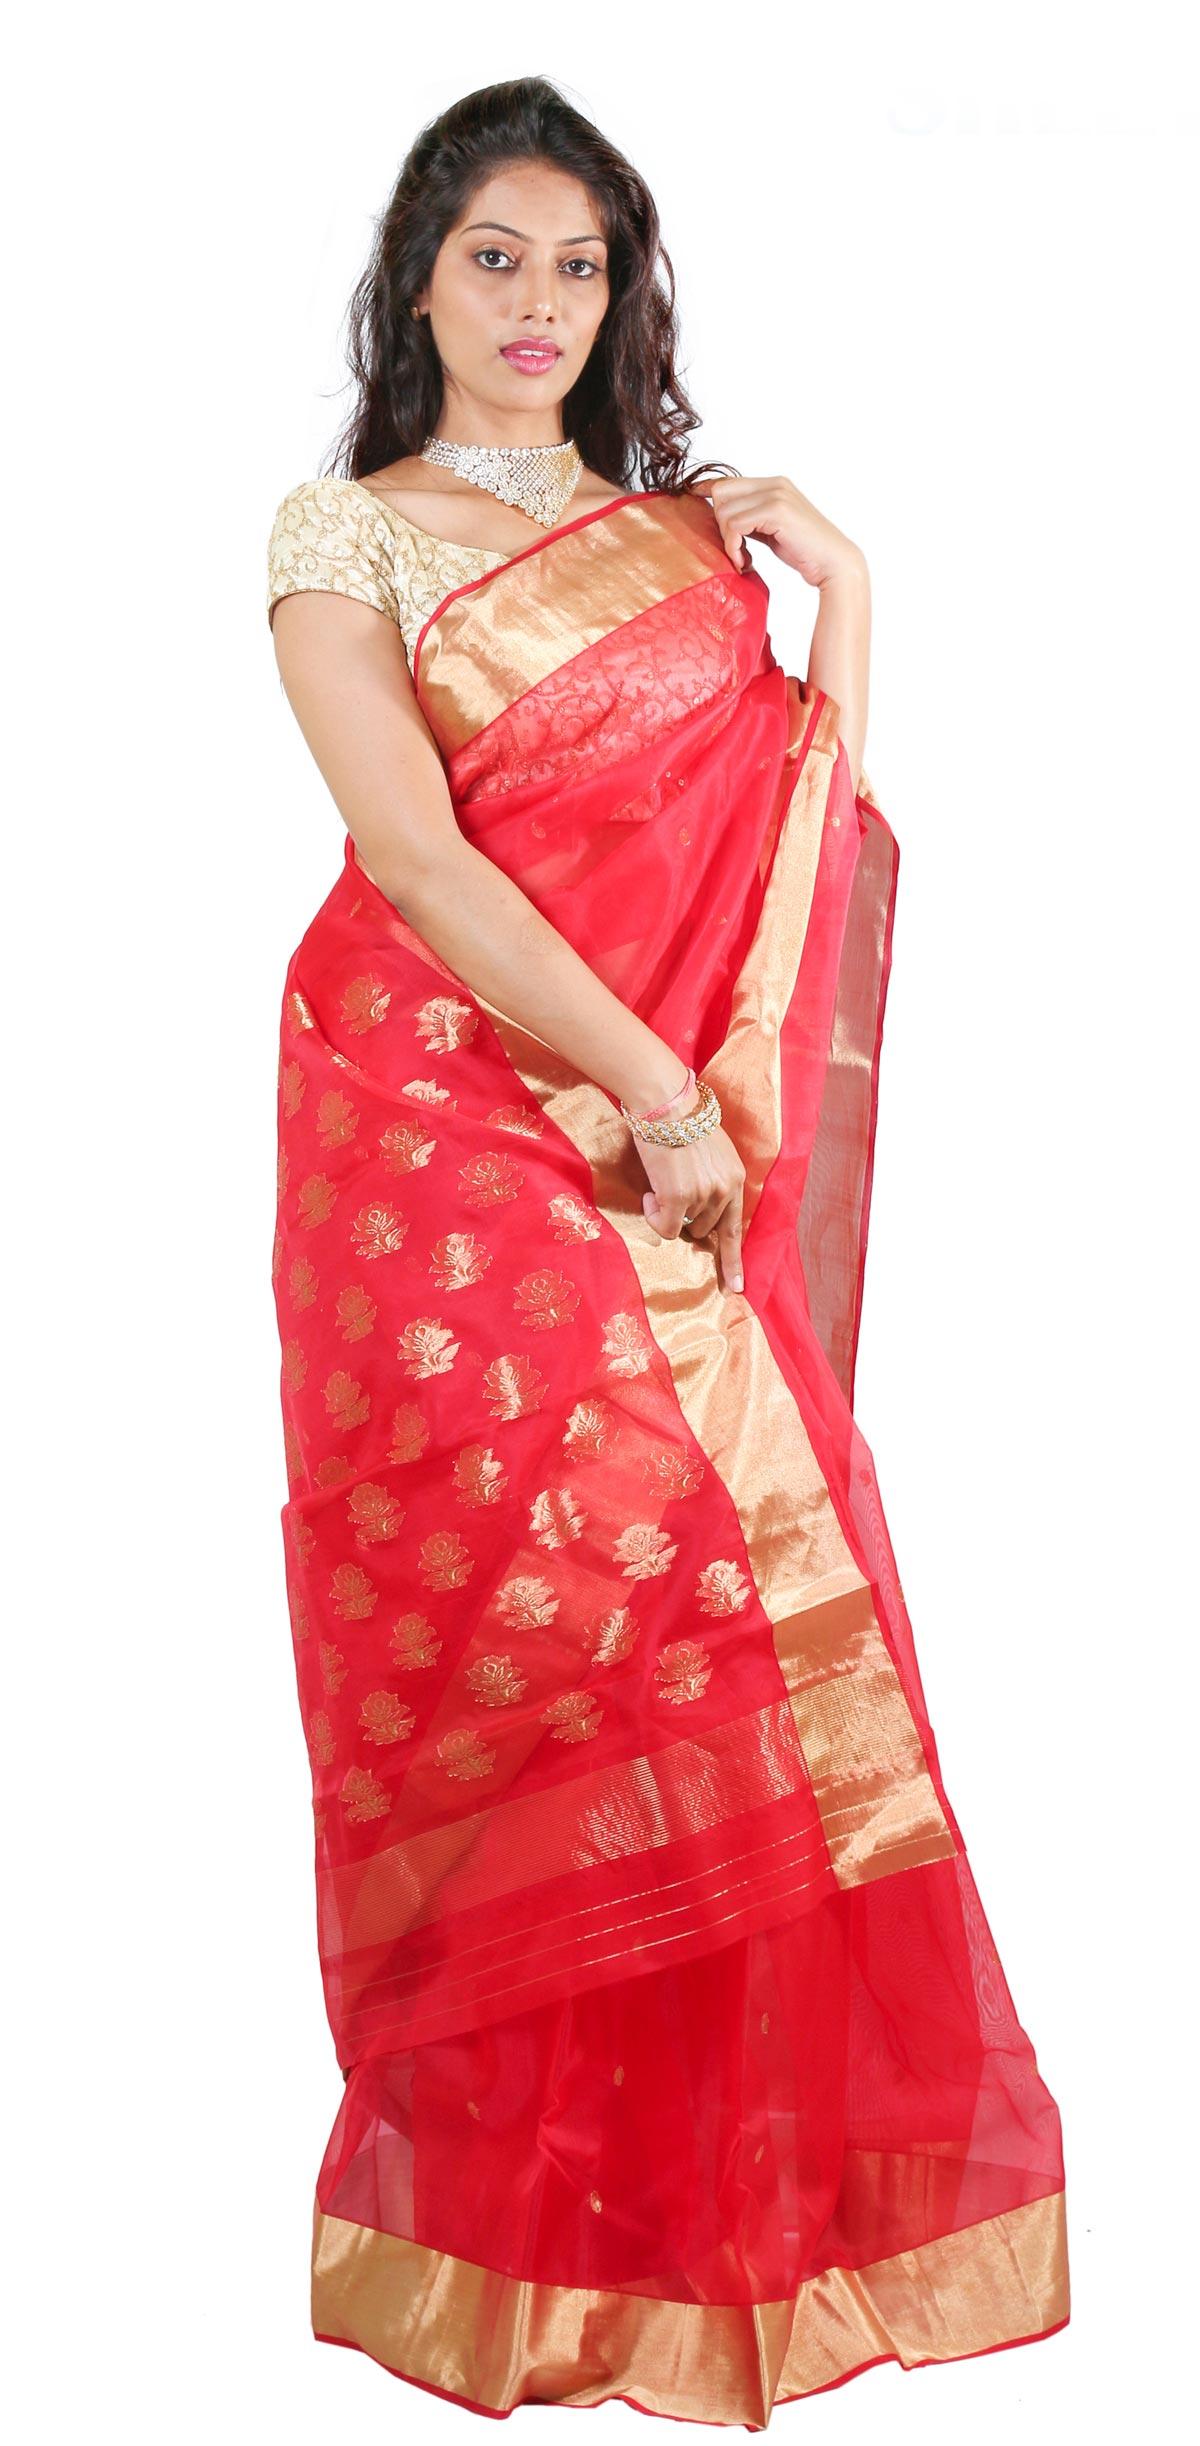 Deodi Tani thos Patela Fancy Pallu